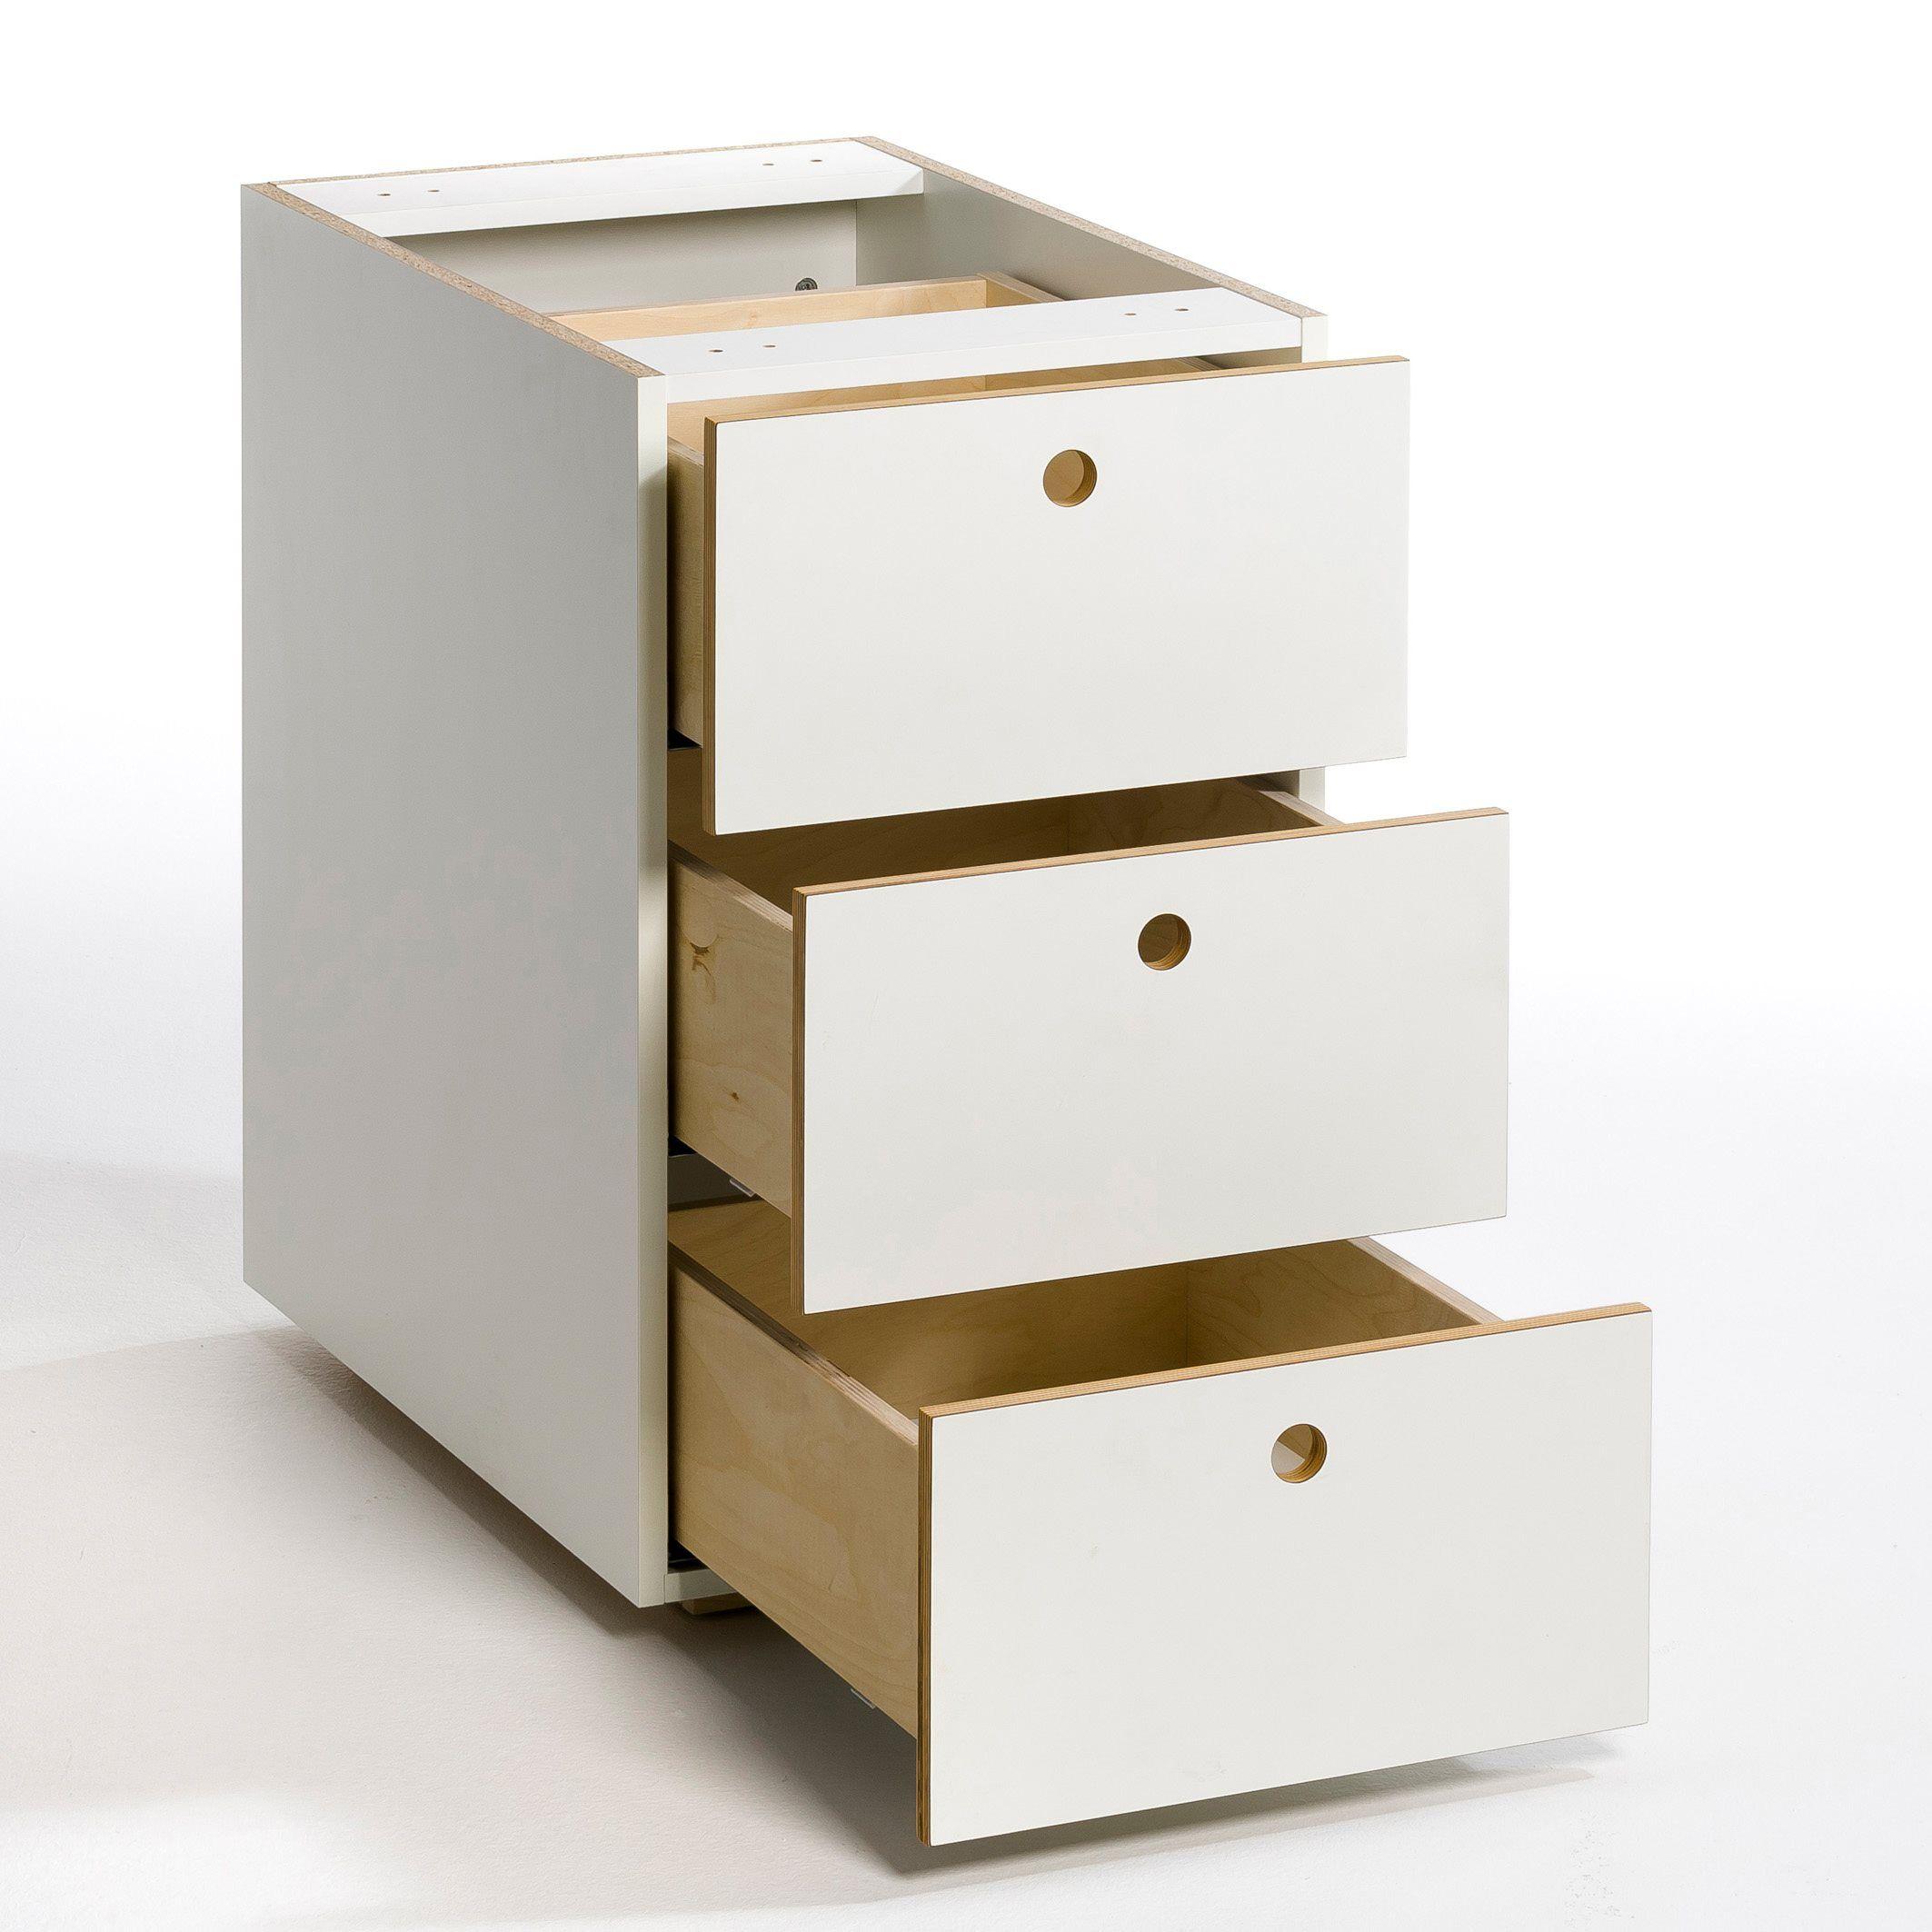 Cajonera para escritorio 3 cajones caliban am pm la redoute espa a ambientes home office - Escritorio cajones ...